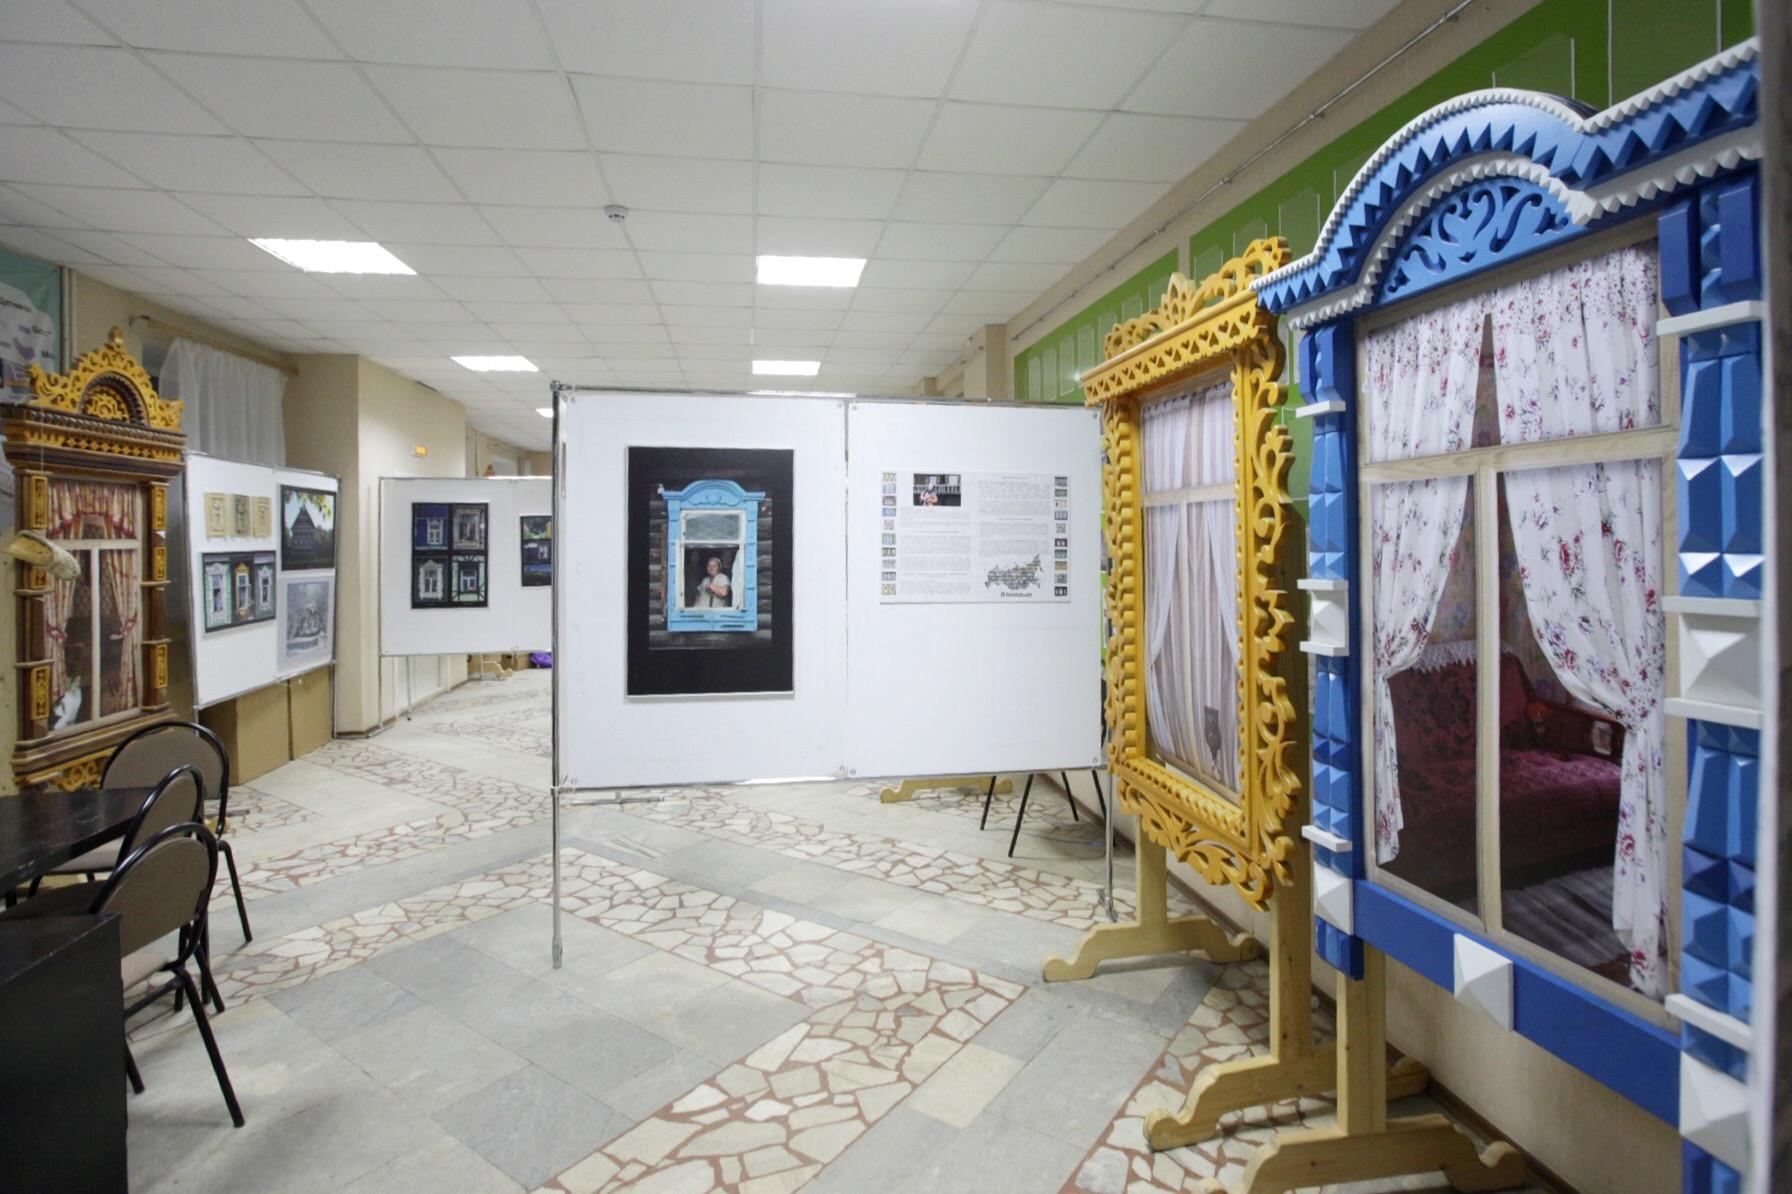 Виртуальный музей наличников в Костроме